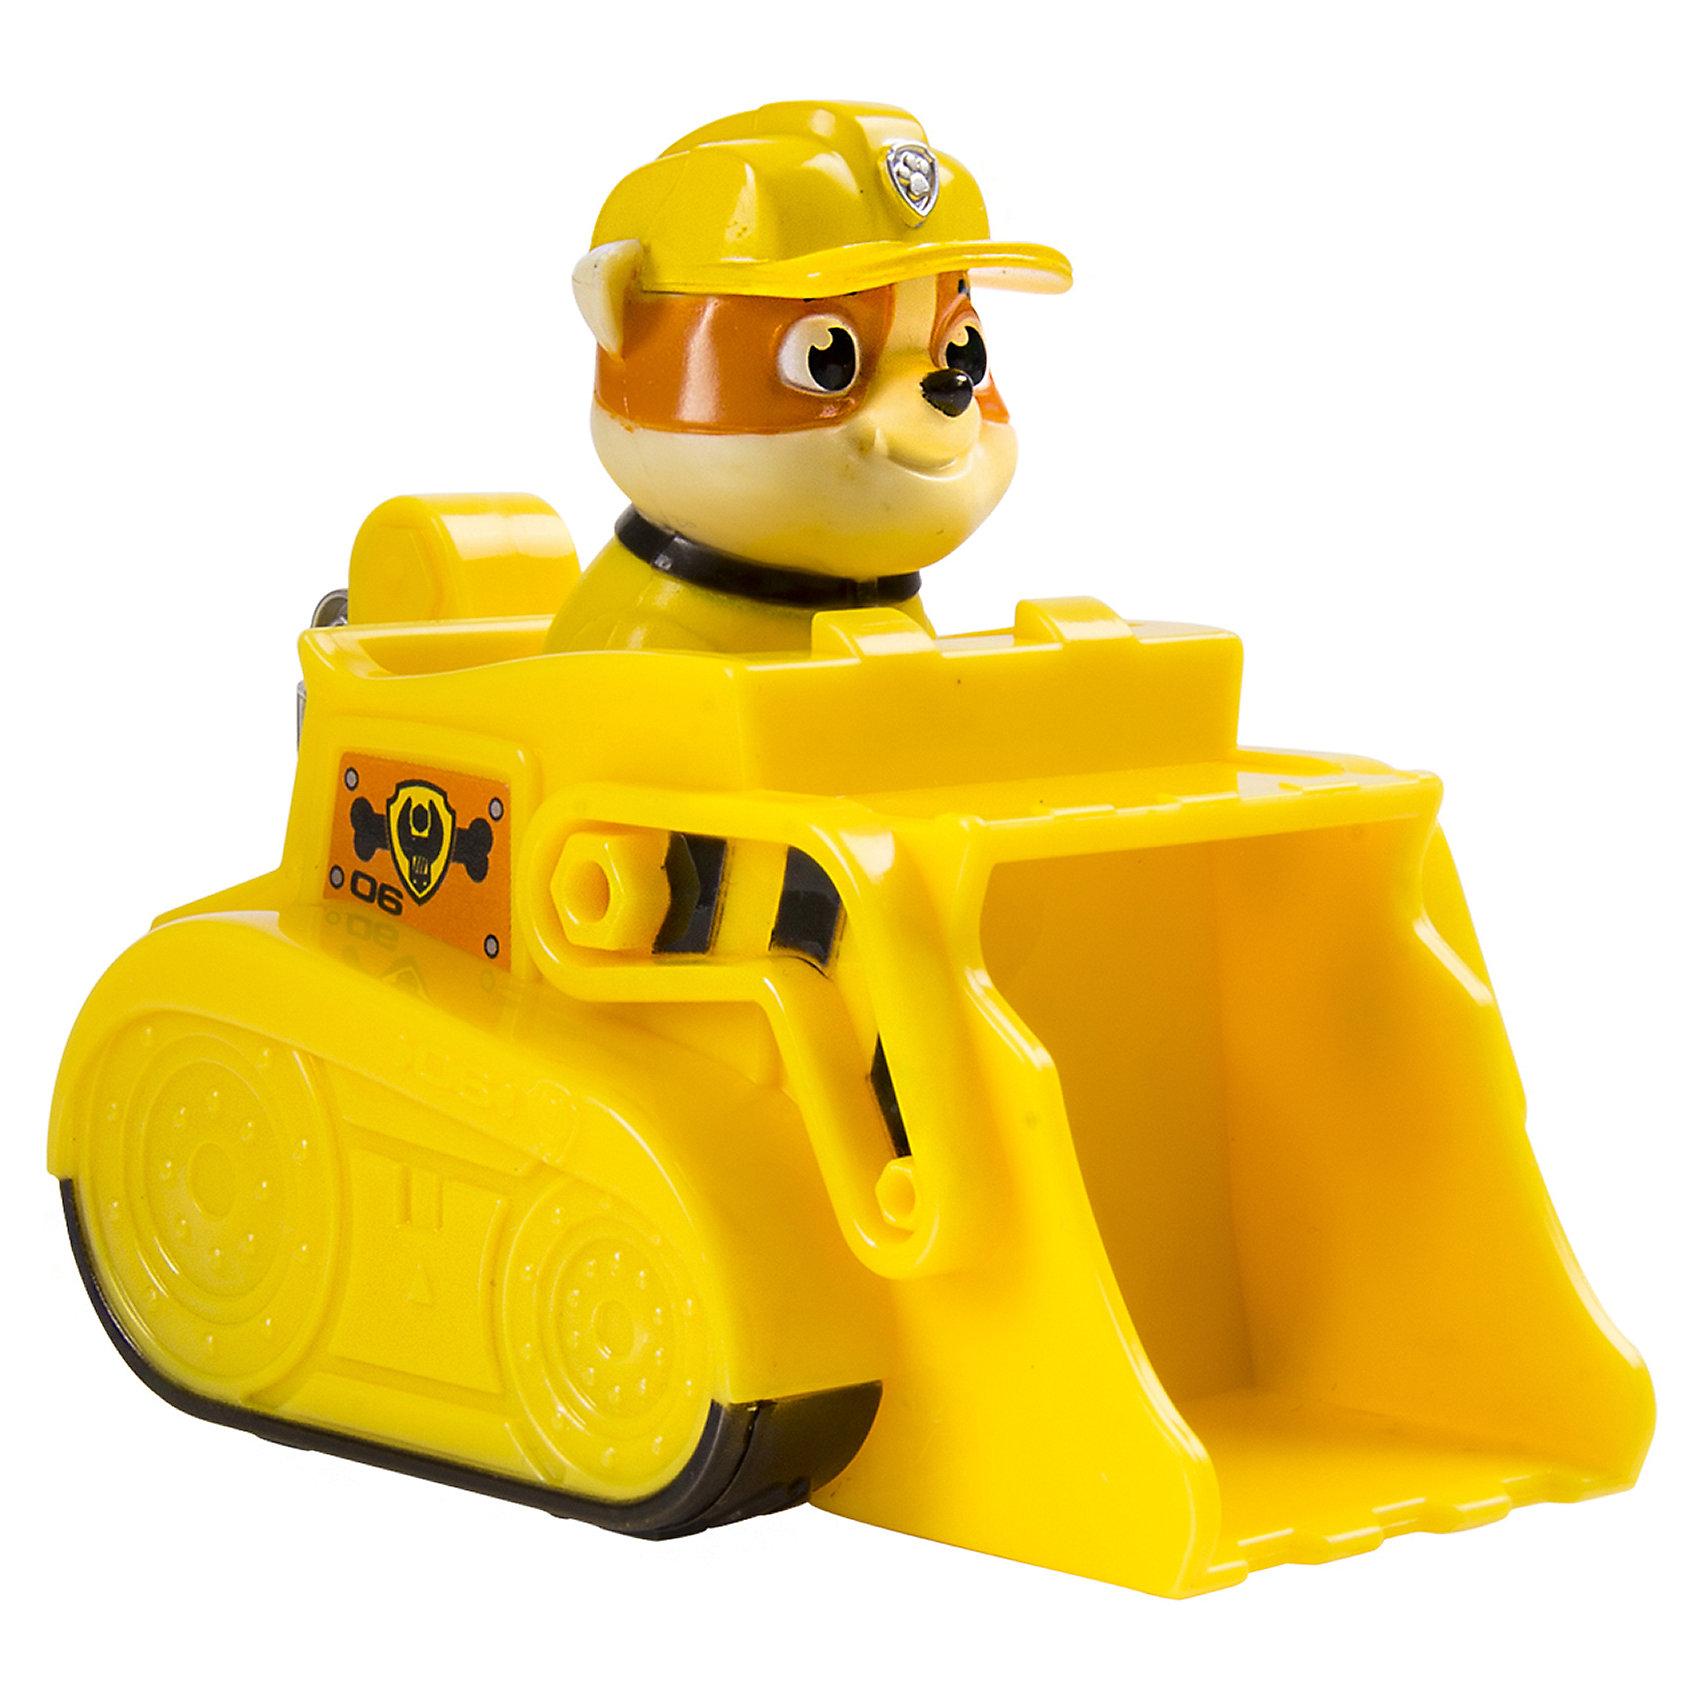 Маленькая машинка спасателя Крепыша, Щенячий патруль, Spin MasterСпасатель Крепыш на своем мощном бульдозере спешит на помощь! Любой, даже самый сложный завал будет разобран. Яркая игрушка в точности повторяет внешний облик персонажа из мультика, машина и щенок прекрасно детализированы, выполнены из высококачественных материалов. Инерционные машинки Paw Patrol достаточно отвезти назад, отпустить и они помчатся вперед, навстречу приключениям. Собери всех героев из серии Paw Patrol (Щенячий патруль), проигрывай сцены из мультфильма или придумывай свои новые истории. <br><br>Дополнительная информация:<br><br>- Длина машинки: 9 см.<br>- Фигурка героя несъемная.<br>- Материал: пластик.<br><br>Маленькую машинку спасателя Крепыша, Щенячий патруль, Spin Master(Спин Мастер) можно купить в нашем магазине.<br><br>Ширина мм: 100<br>Глубина мм: 45<br>Высота мм: 90<br>Вес г: 1146<br>Возраст от месяцев: 36<br>Возраст до месяцев: 72<br>Пол: Мужской<br>Возраст: Детский<br>SKU: 4004745